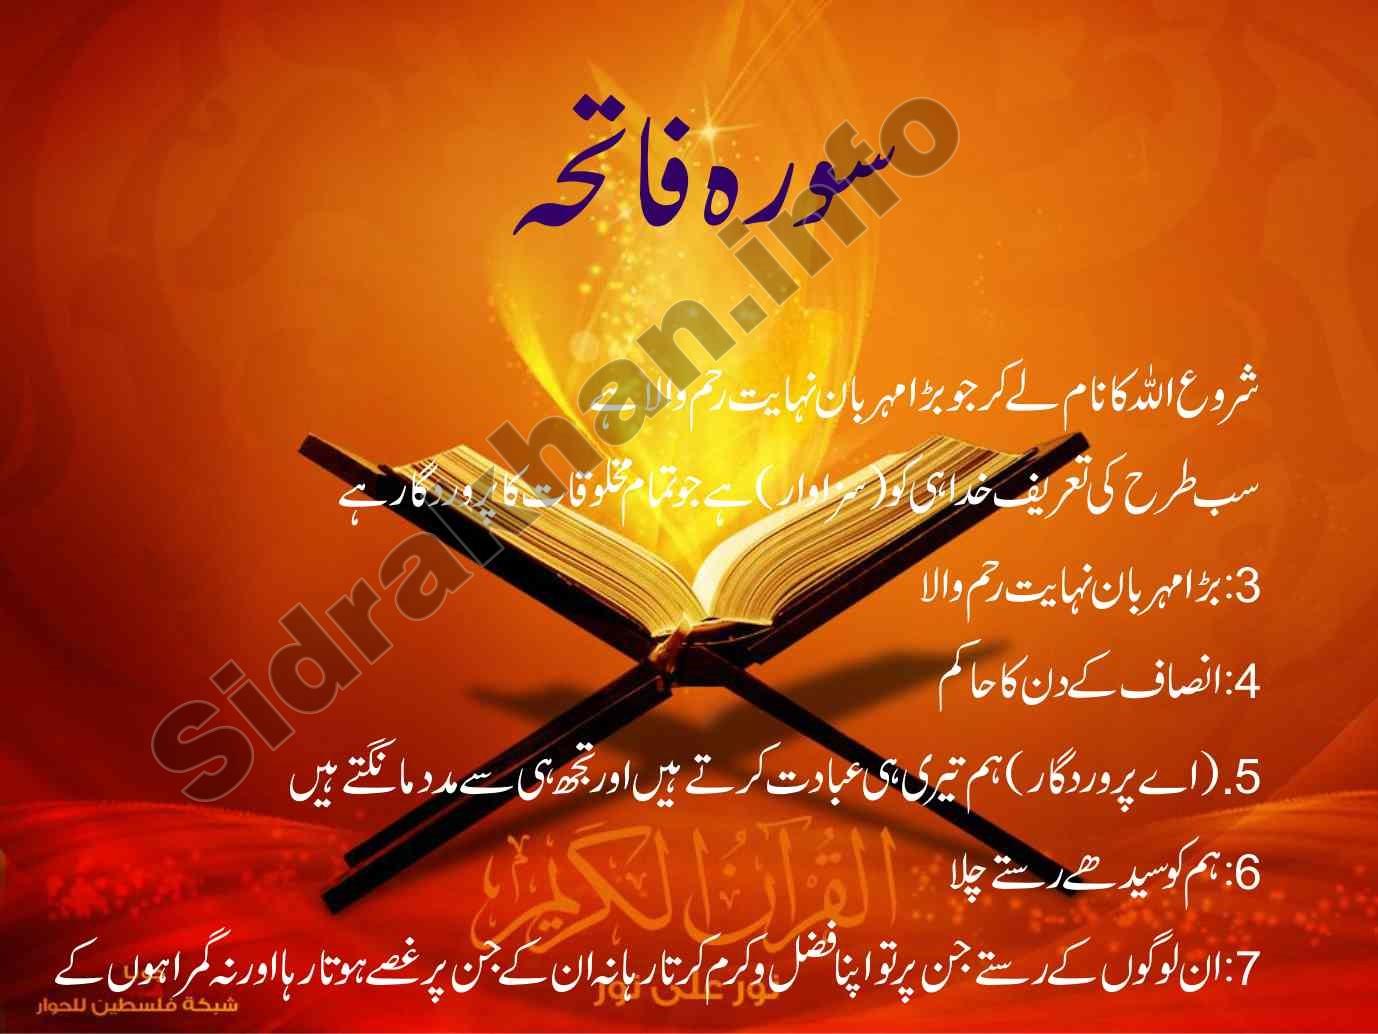 Surah Fatiha in Urdu